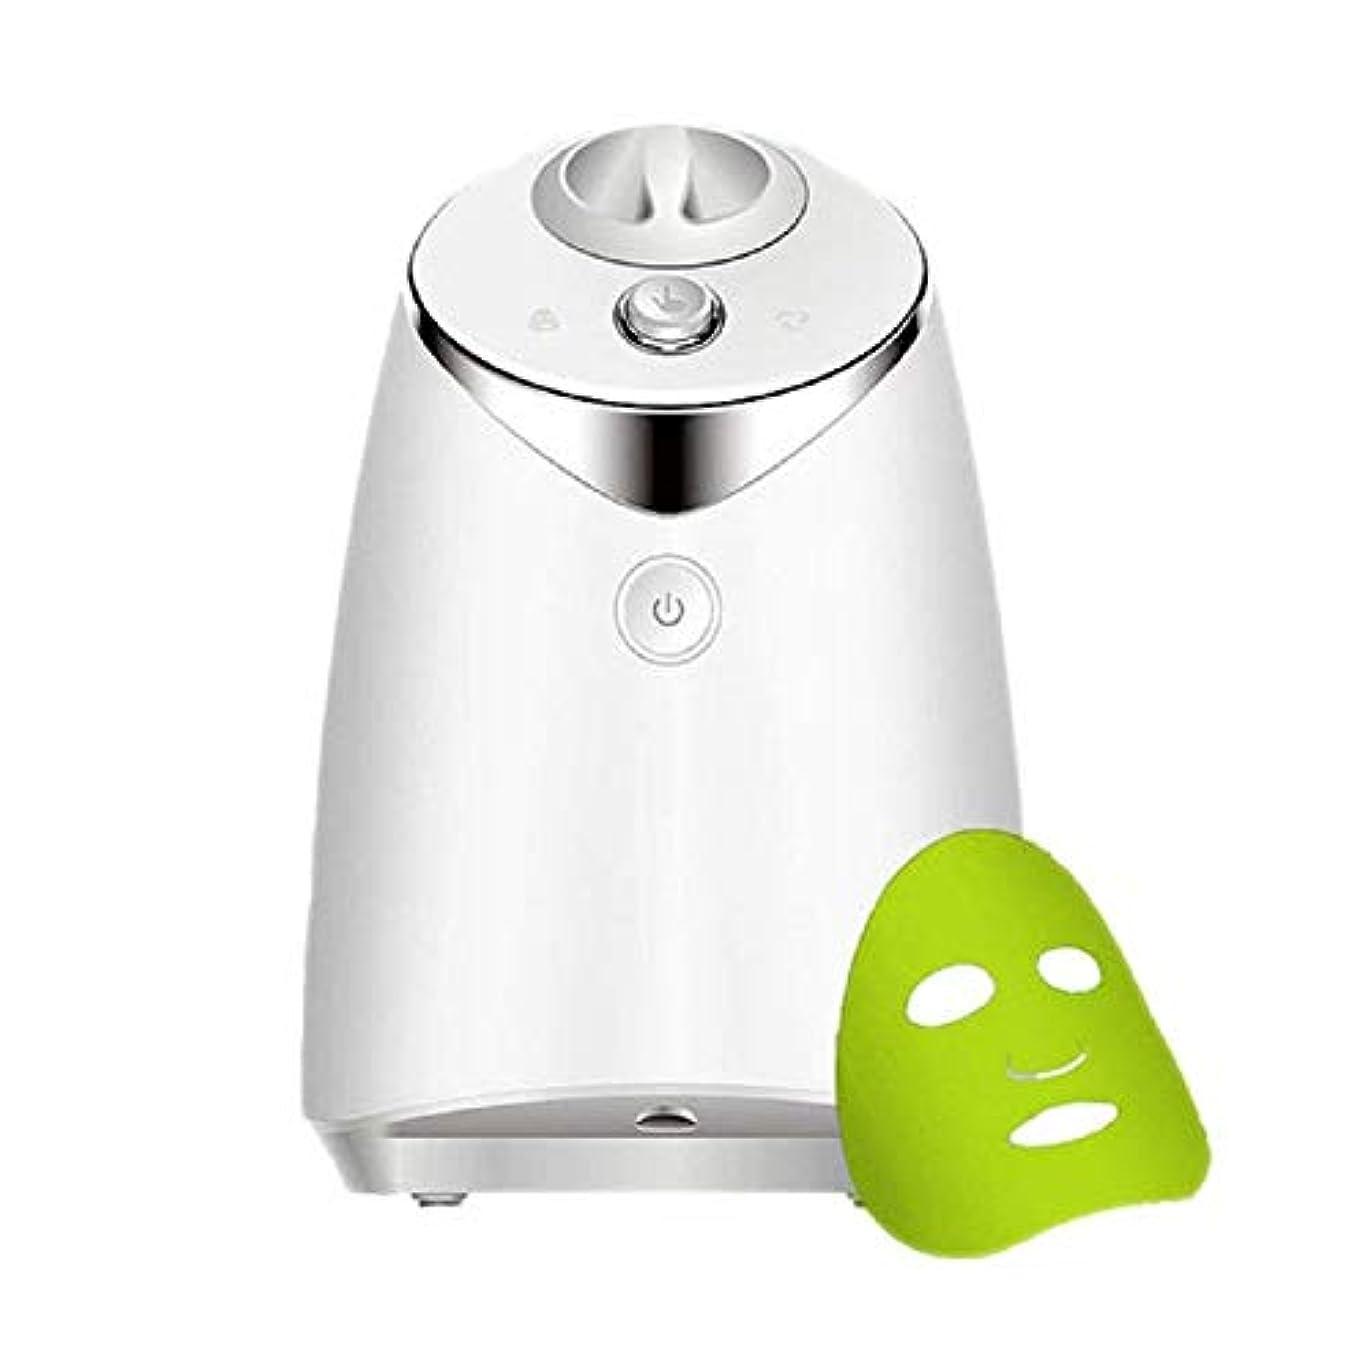 つばささいな関数フルーツと野菜マスク製造機、フェイススチーマー100%ナチュラル自家製自動美容器/インテリジェントな音声プロンプトワンボタンクリーニング